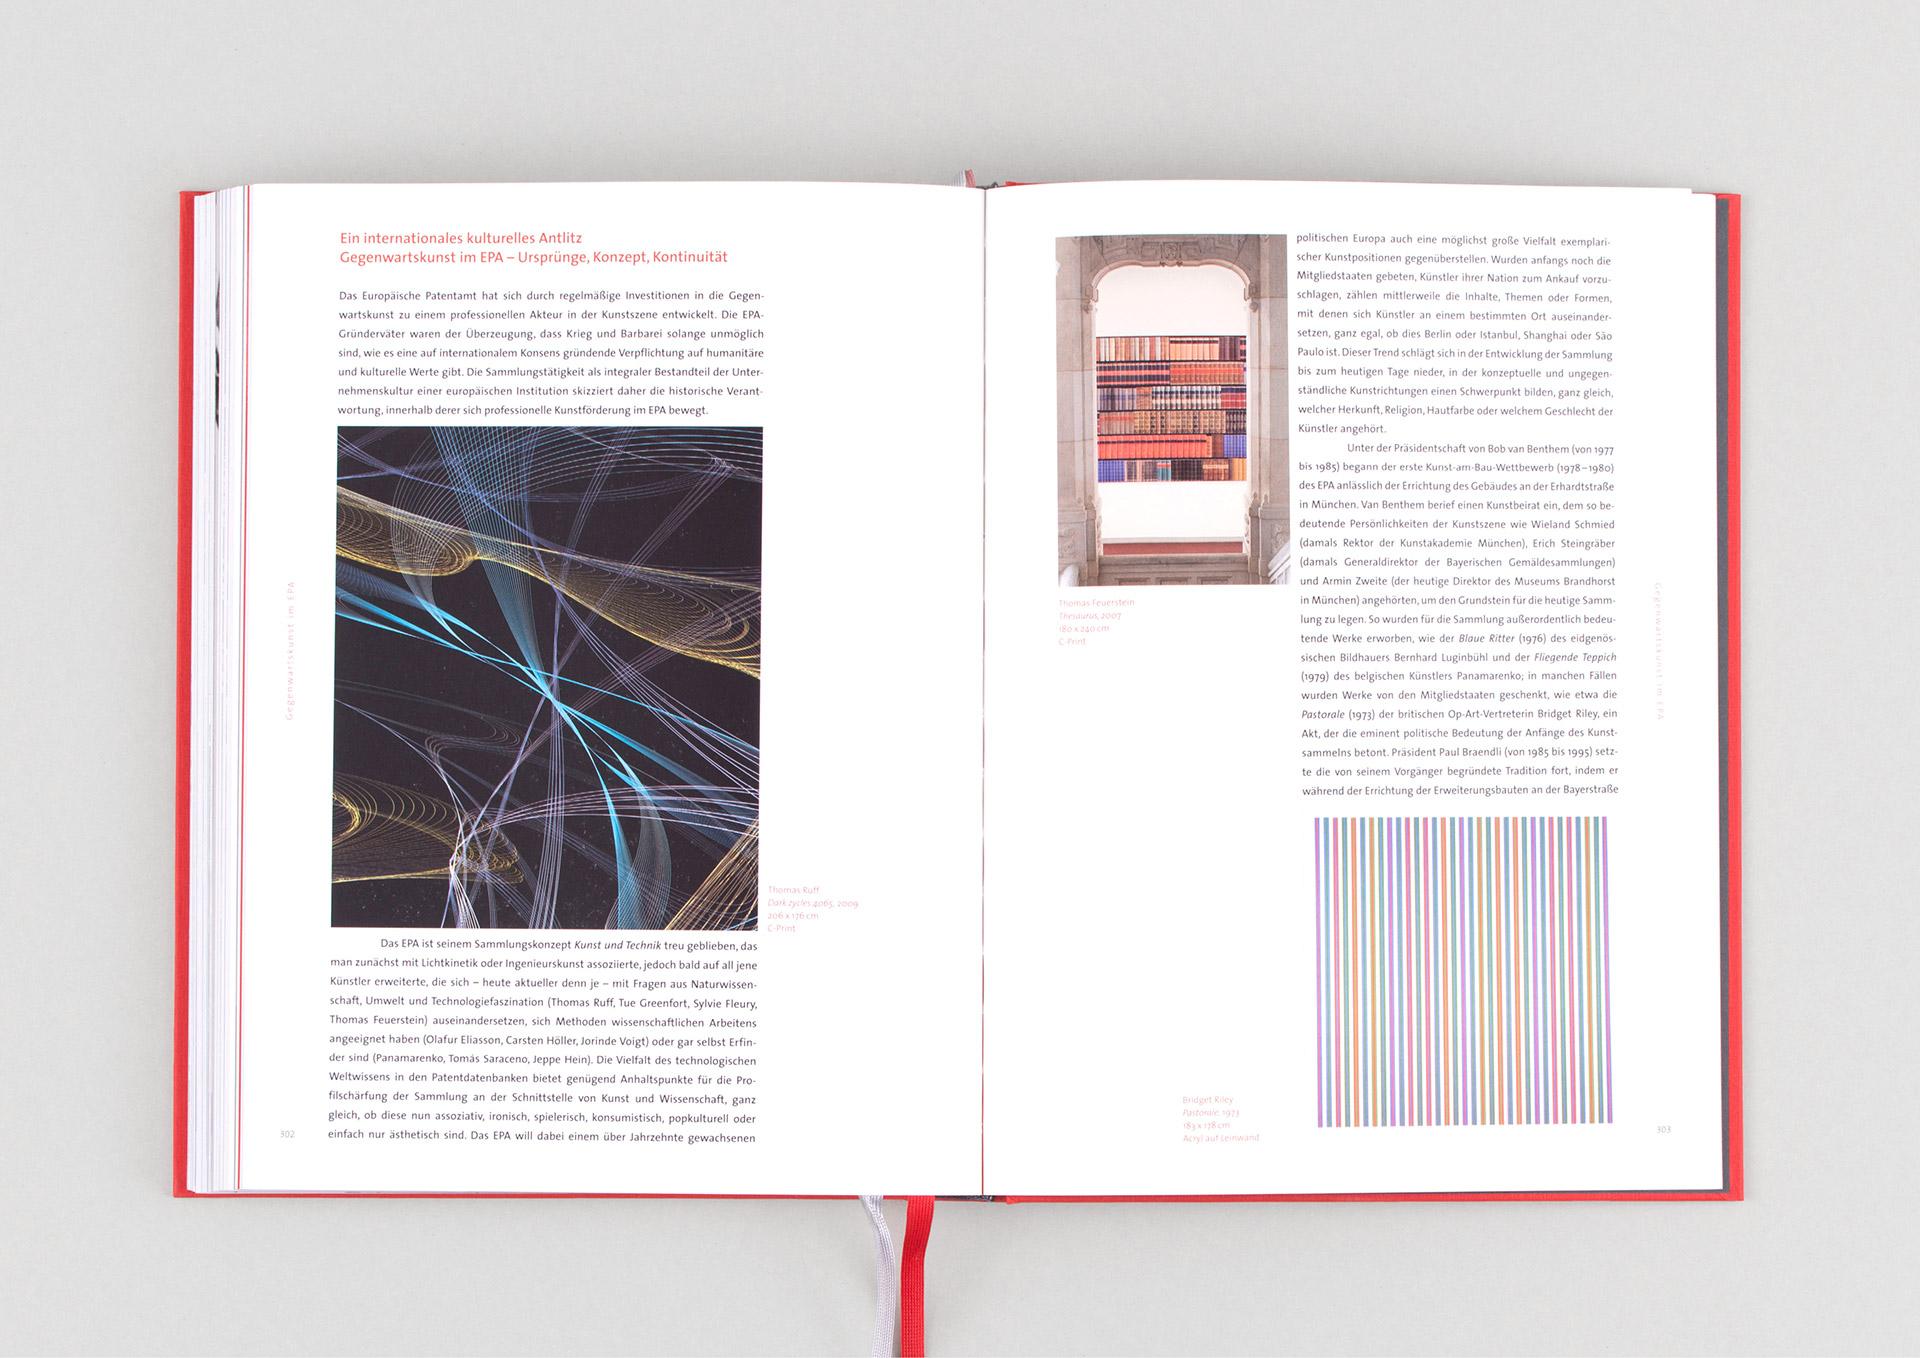 Martin-Steiner-Gestaltung152_b